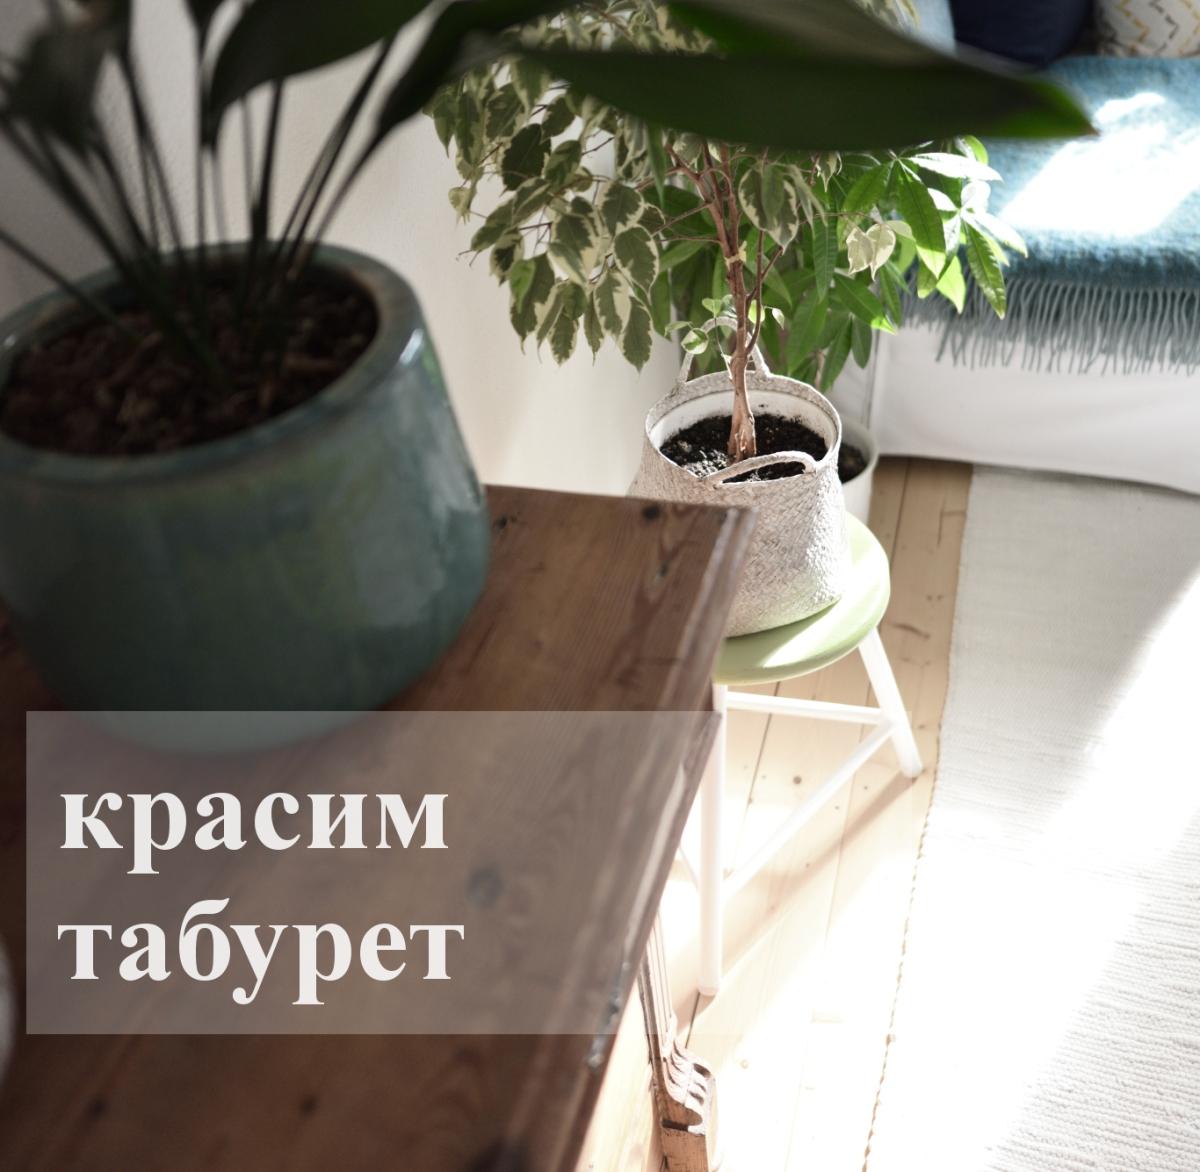 своими руками: обновляем старый табурет